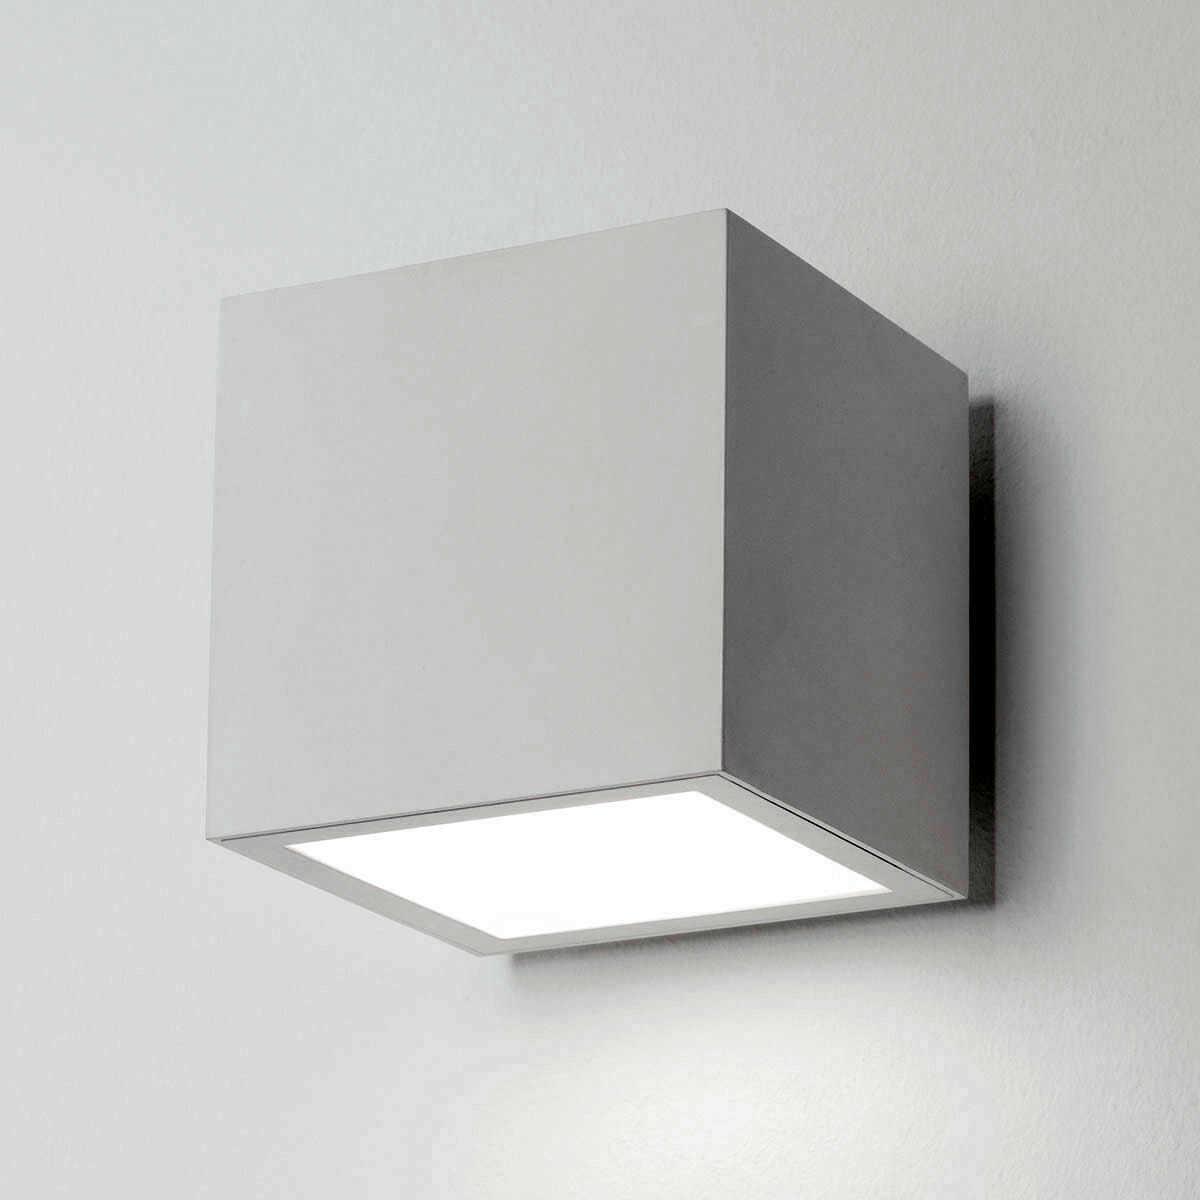 Lampada a parete faretto led ek cubo 120f pa for Lampada led